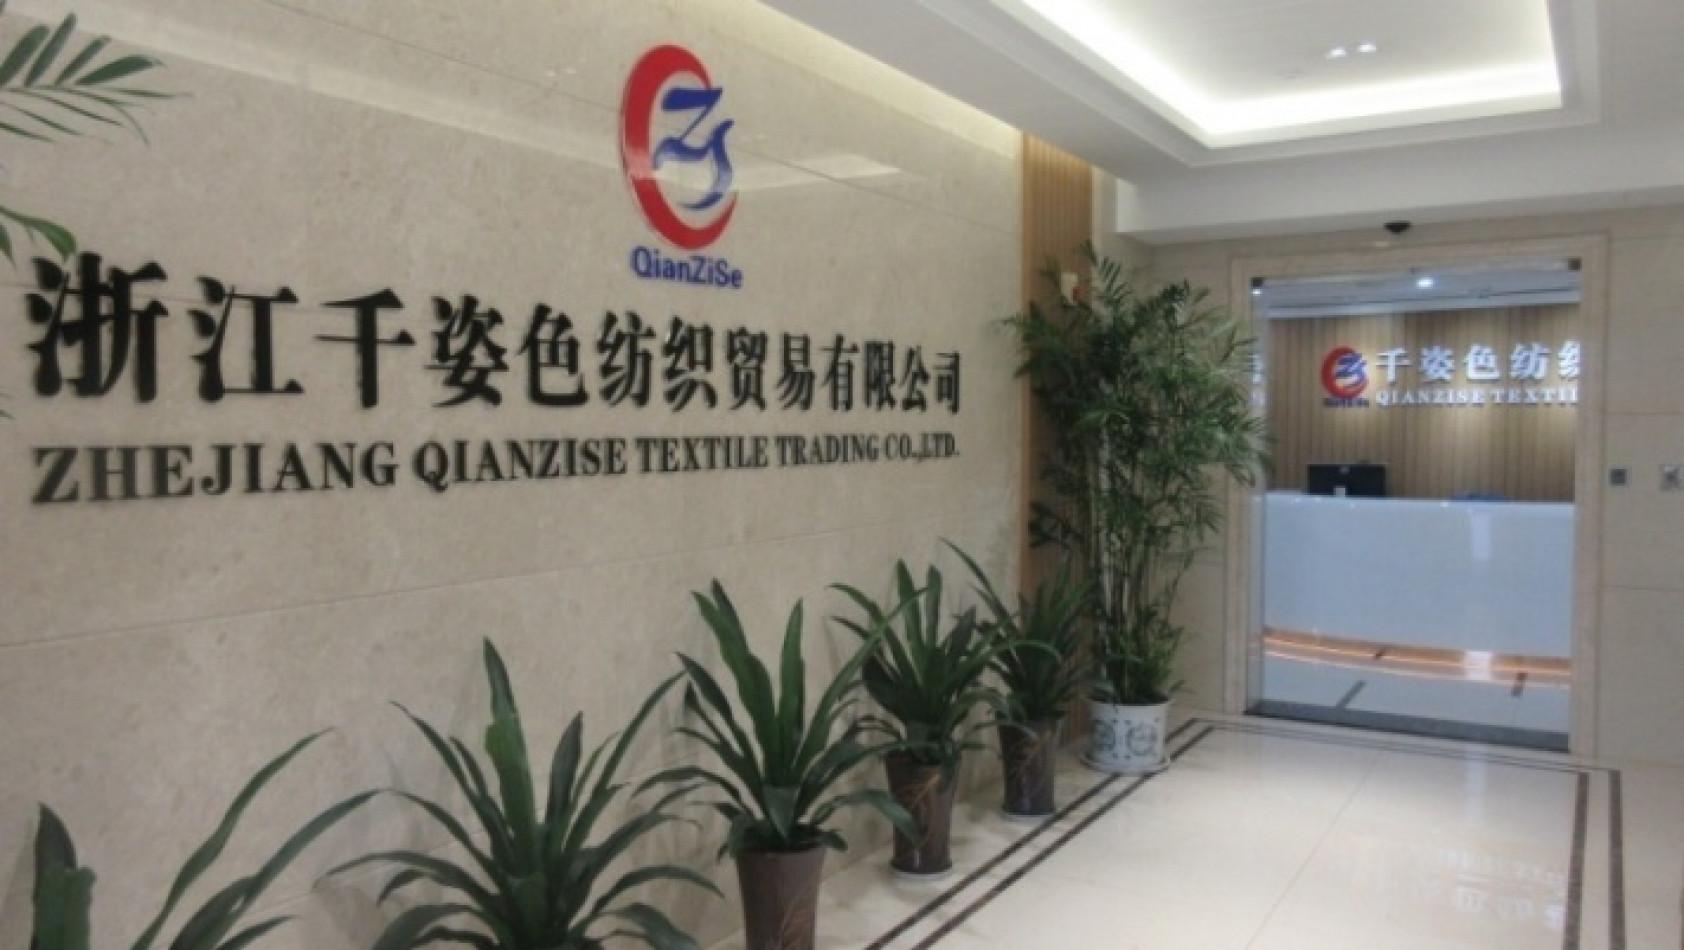 ZHEJIANG QIANZISE TEXTILE TRADING CO., LTD.